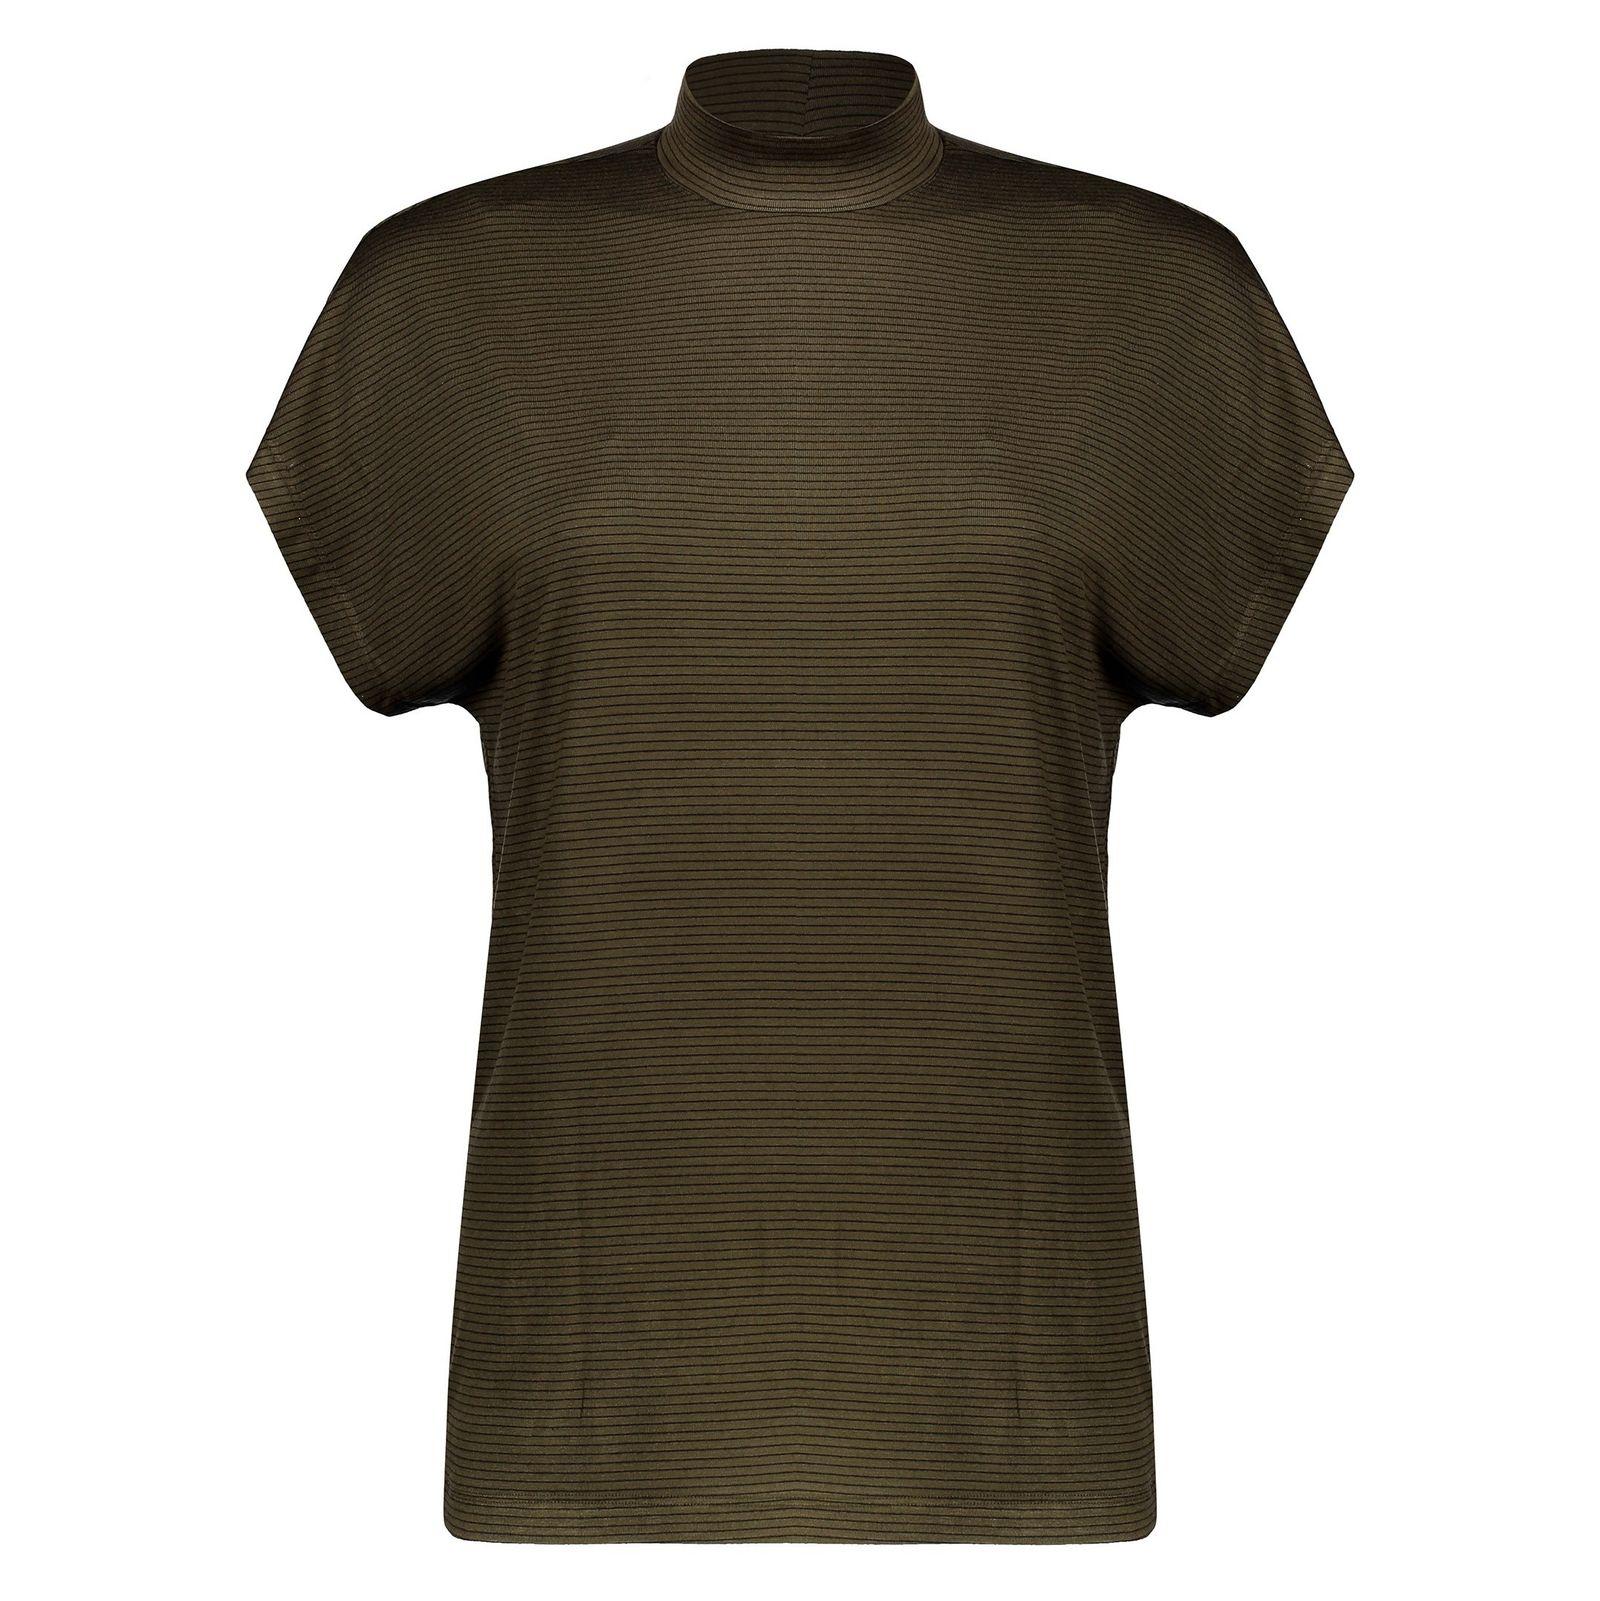 تی شرت ویسکوز یقه ایستاده زنانه - پی سز - زيتوني - 1